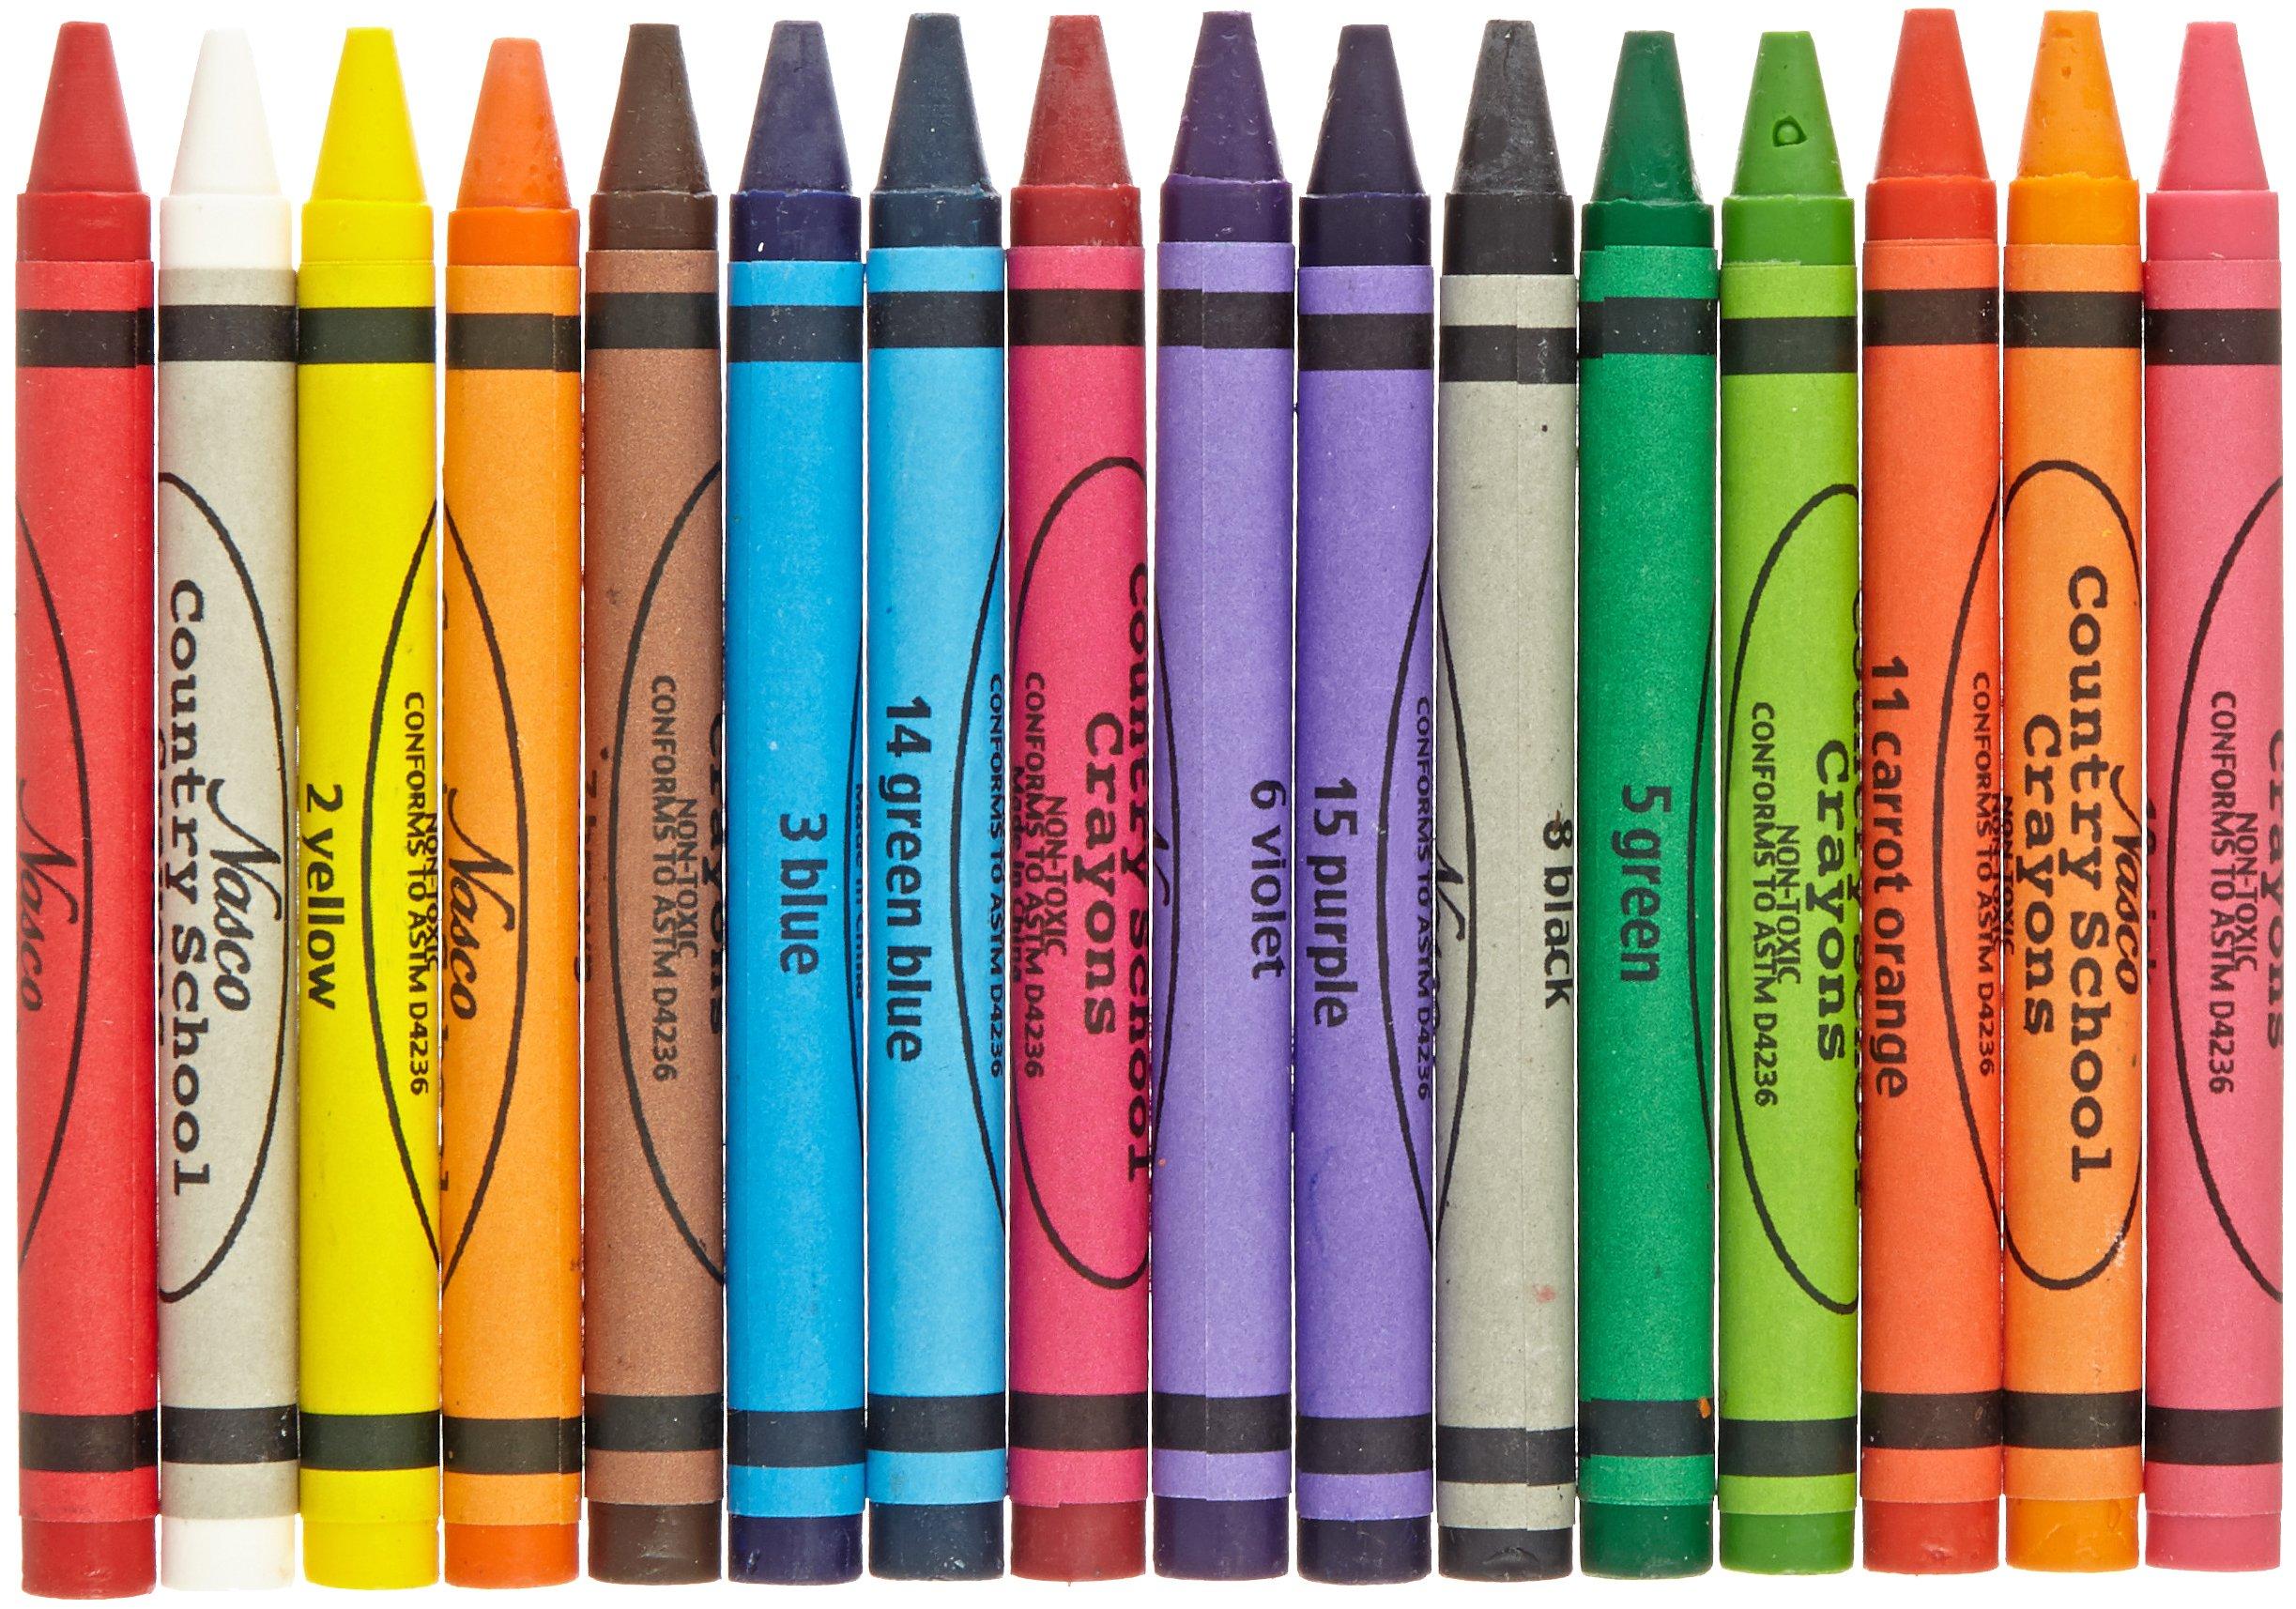 Nasco Country School 16-Color Crayon Classroom Set (50 Sets of 16 Crayons)